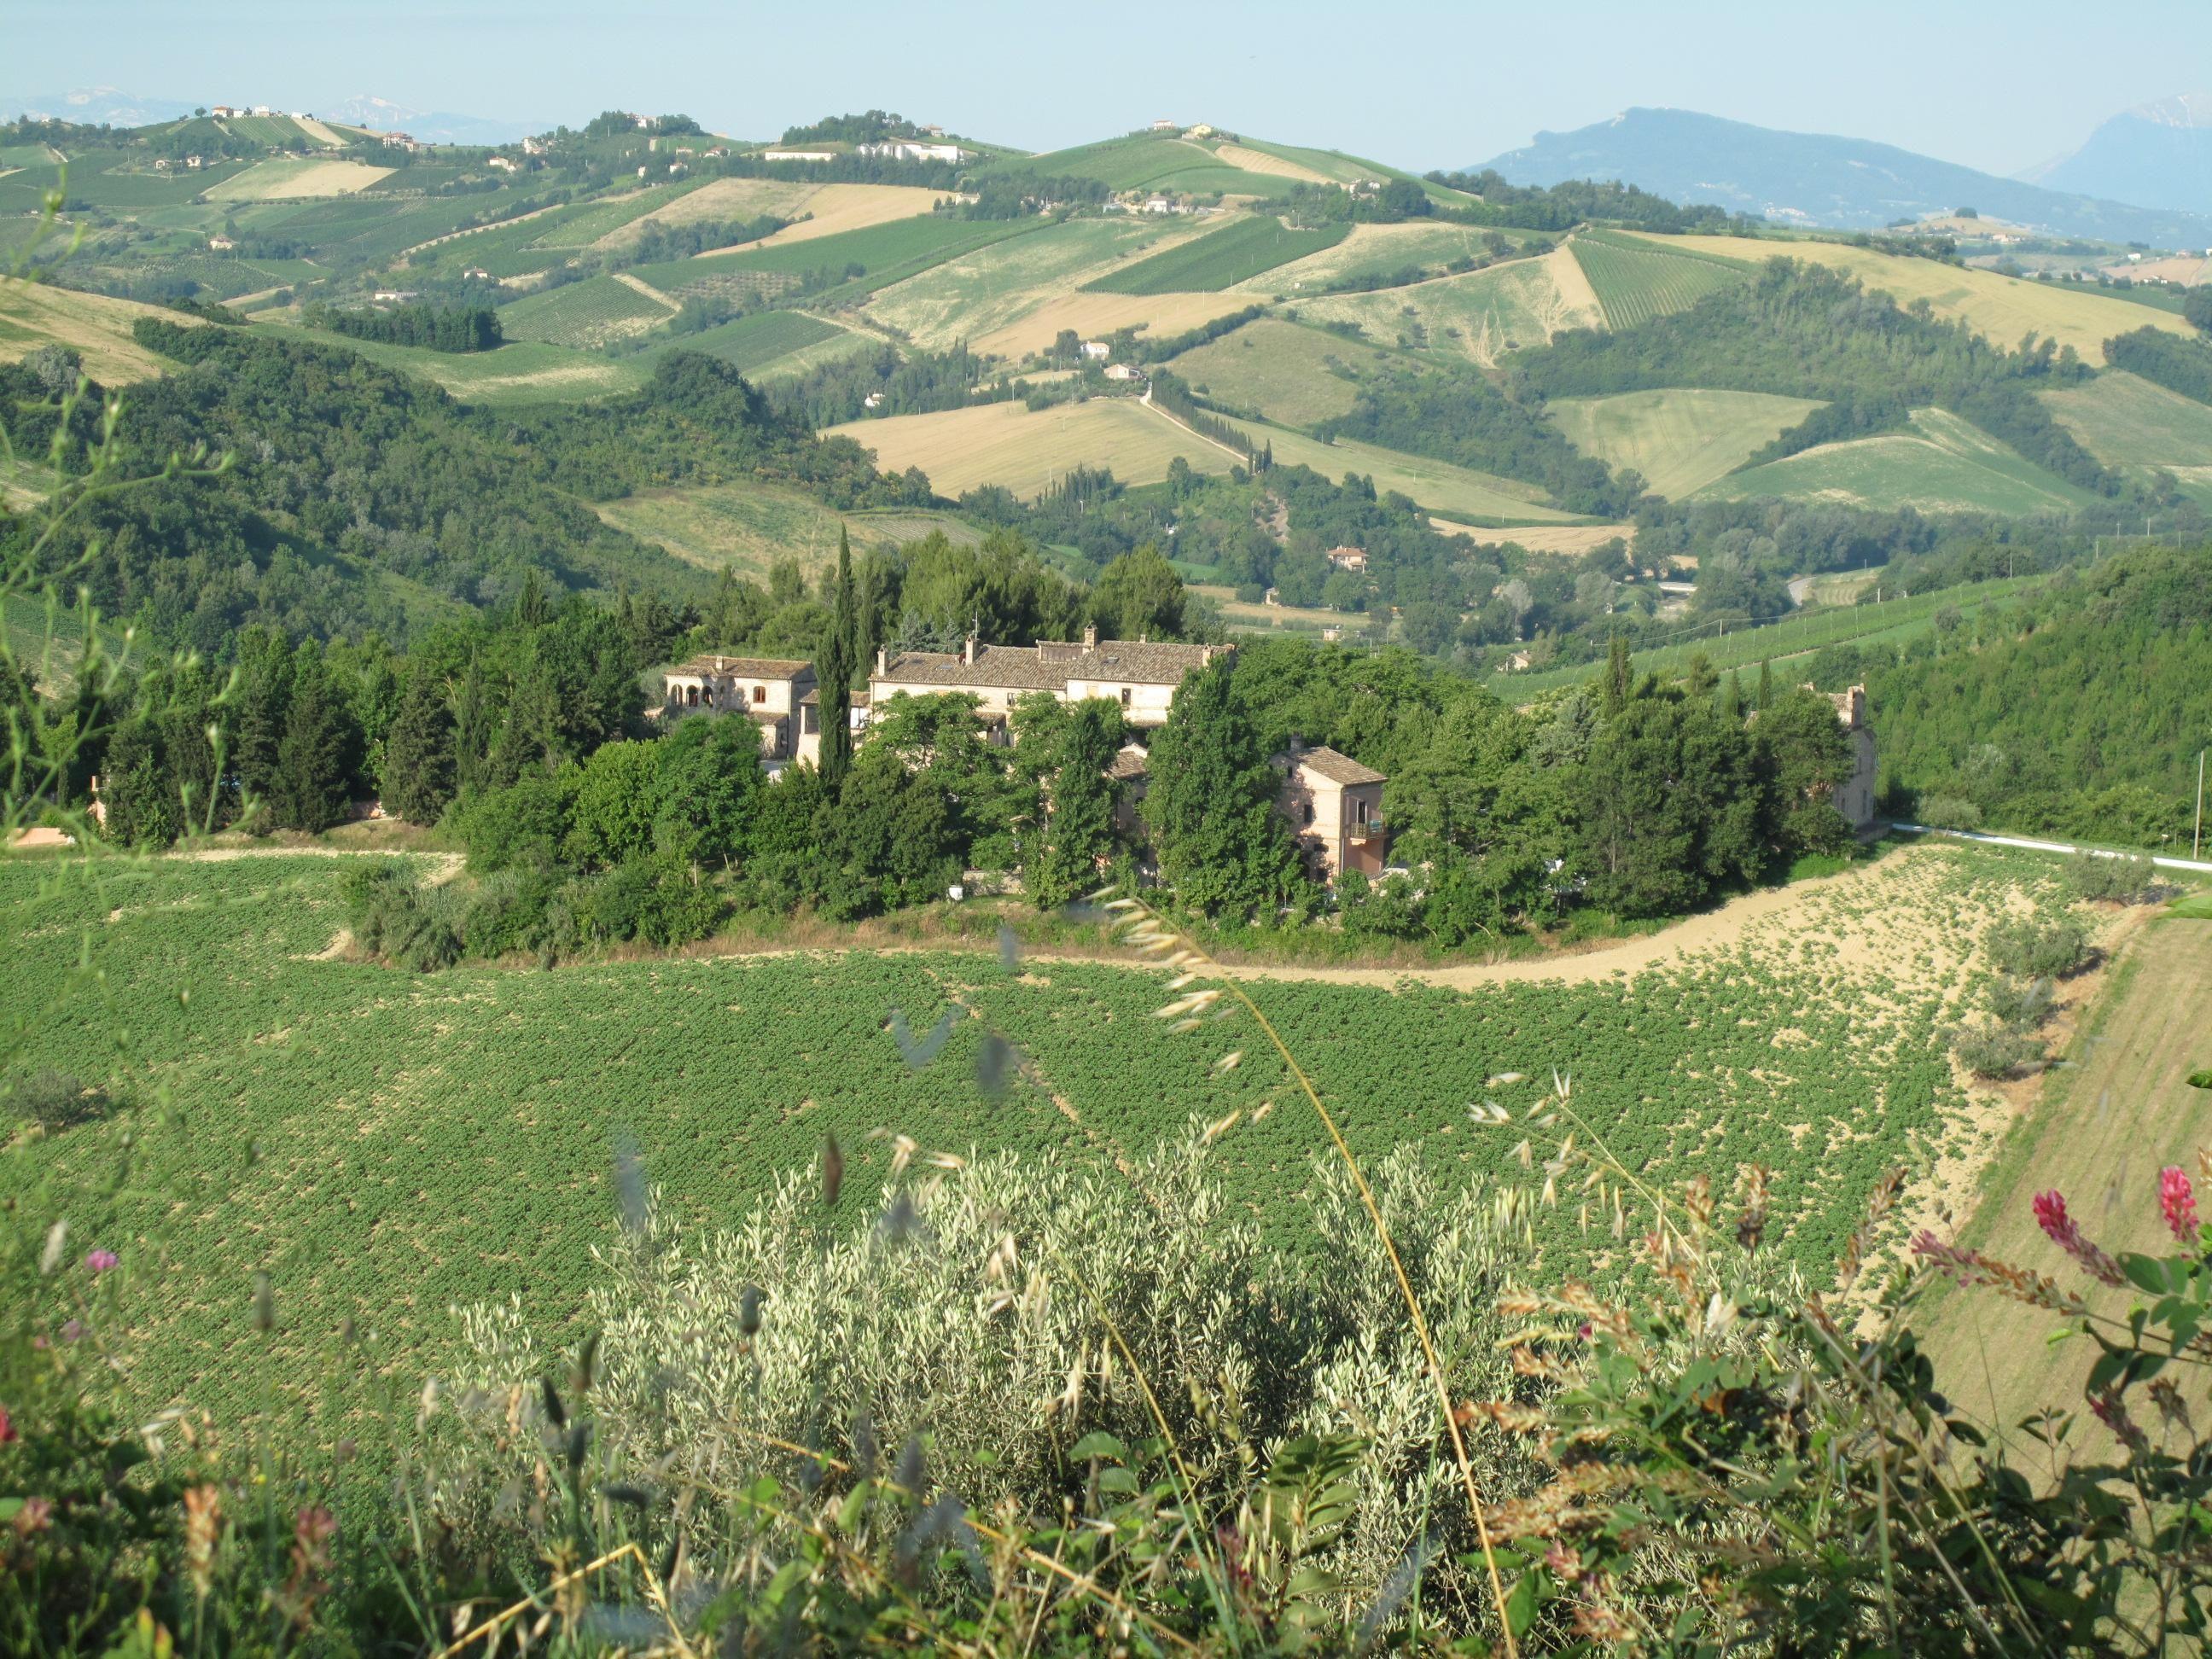 Agriturismo La Campana B&B (Montefiore dell'Aso, Marche